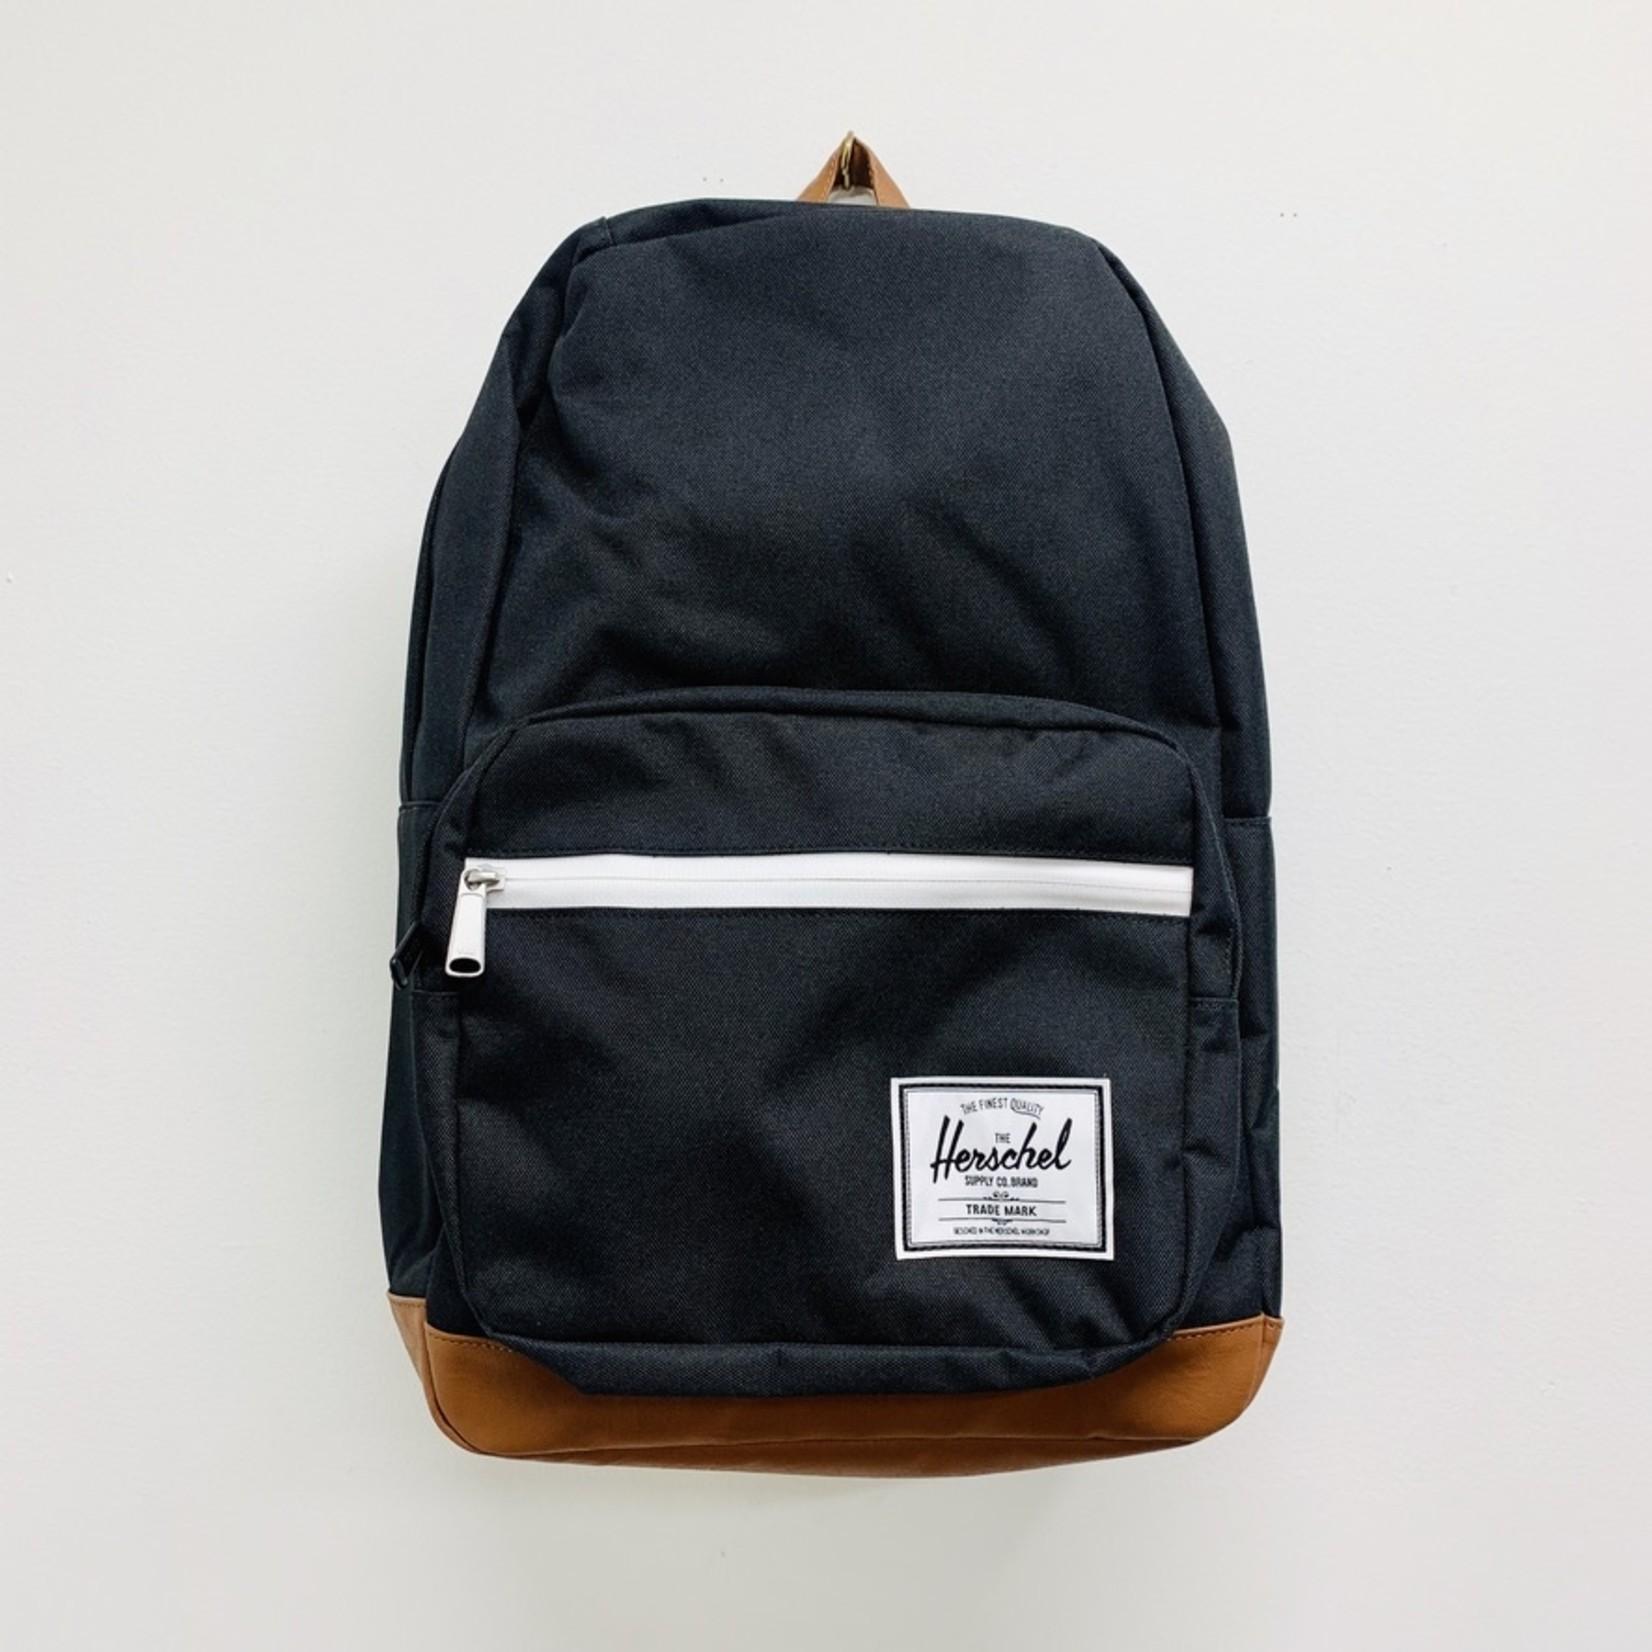 Herschel Supply Co Pop Quiz Backpack 22L